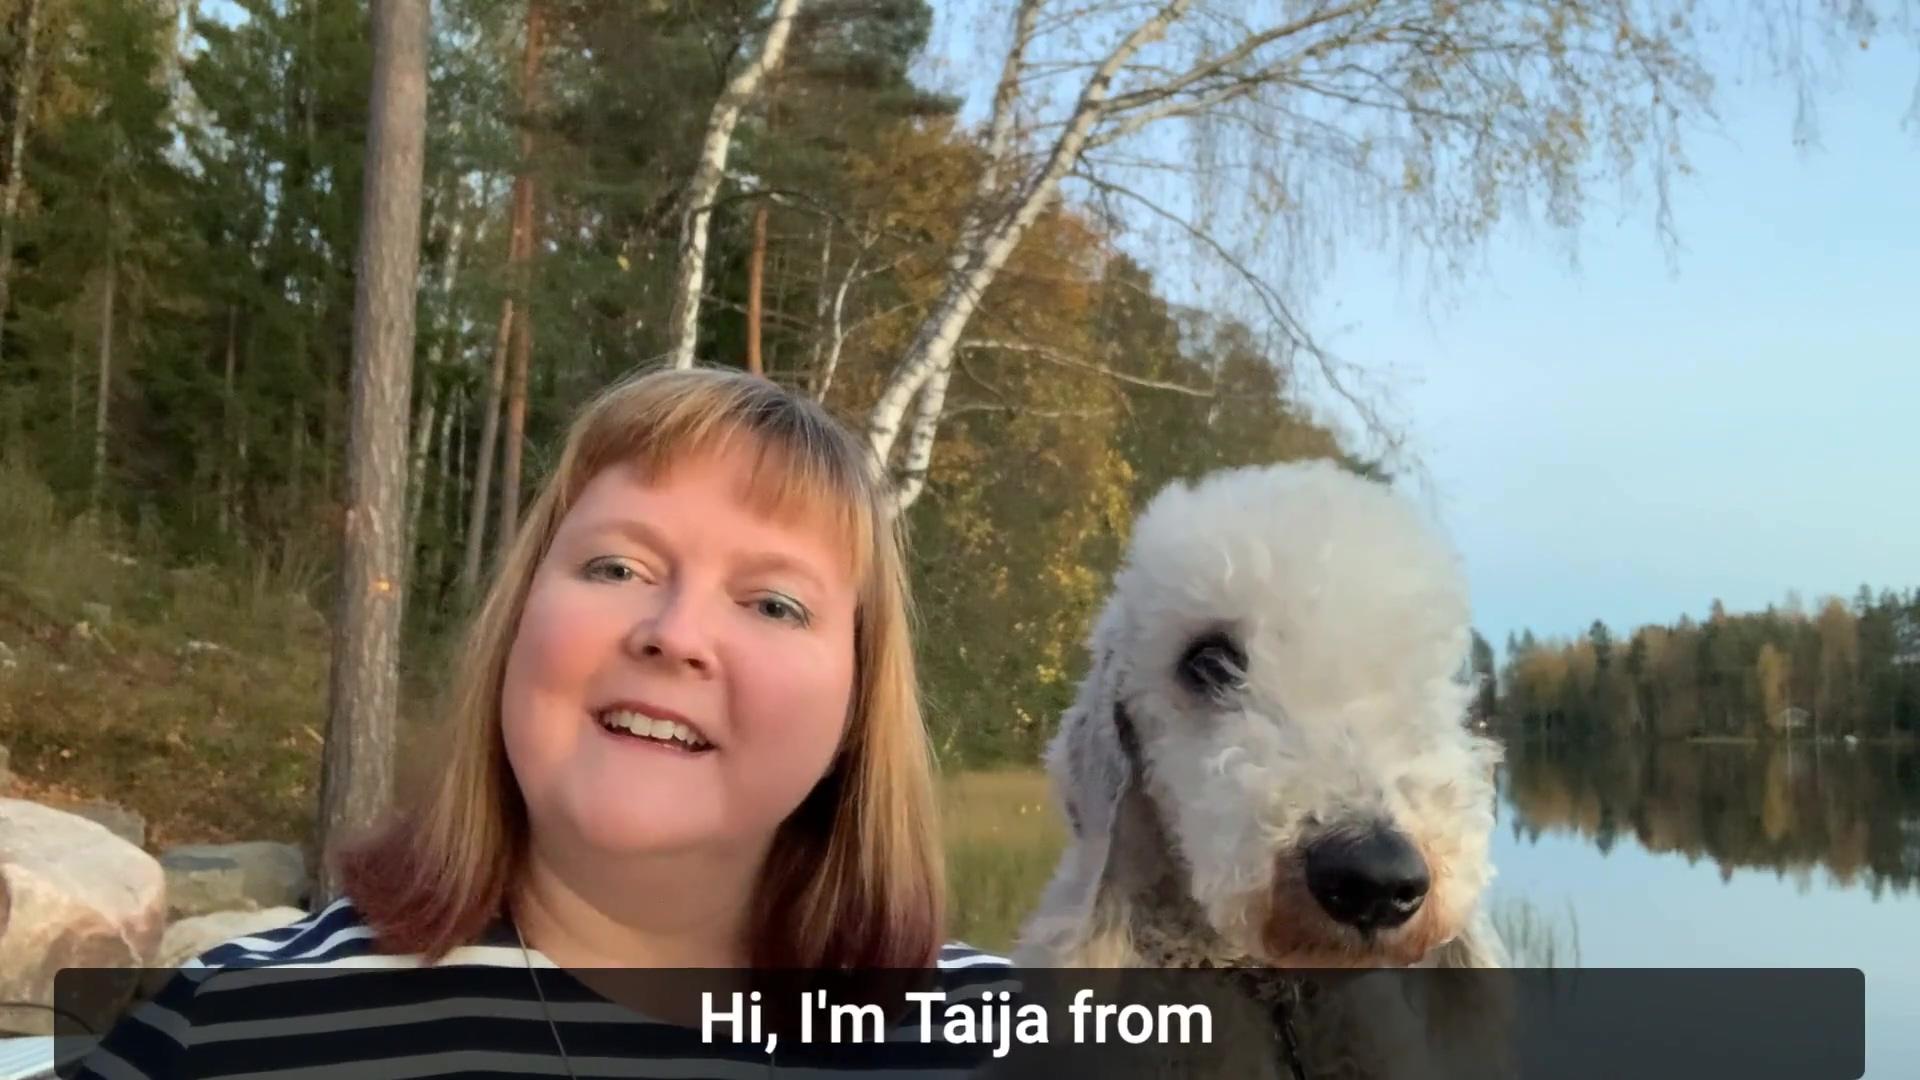 Taijas vlog about manual work